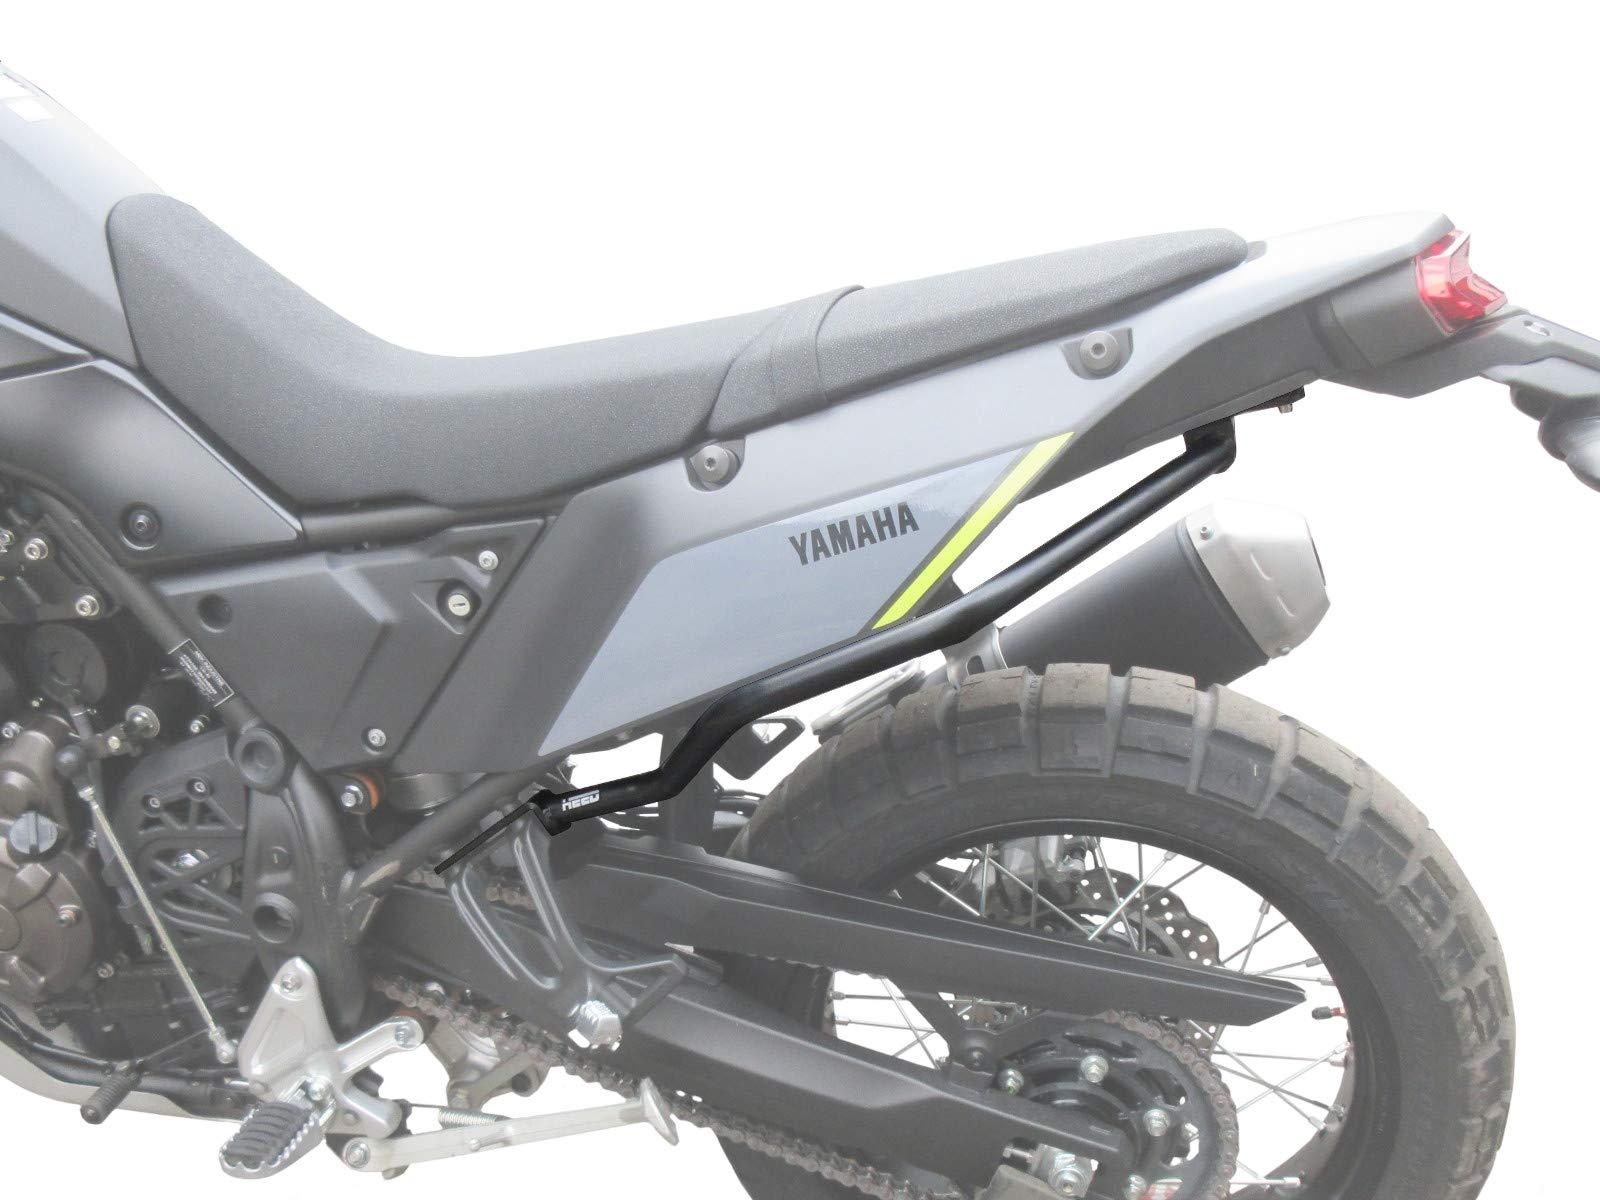 Schutzb/ügel HEED YAMAHA XT 660 Z Tenere Sturzb/ügel 2008-2016